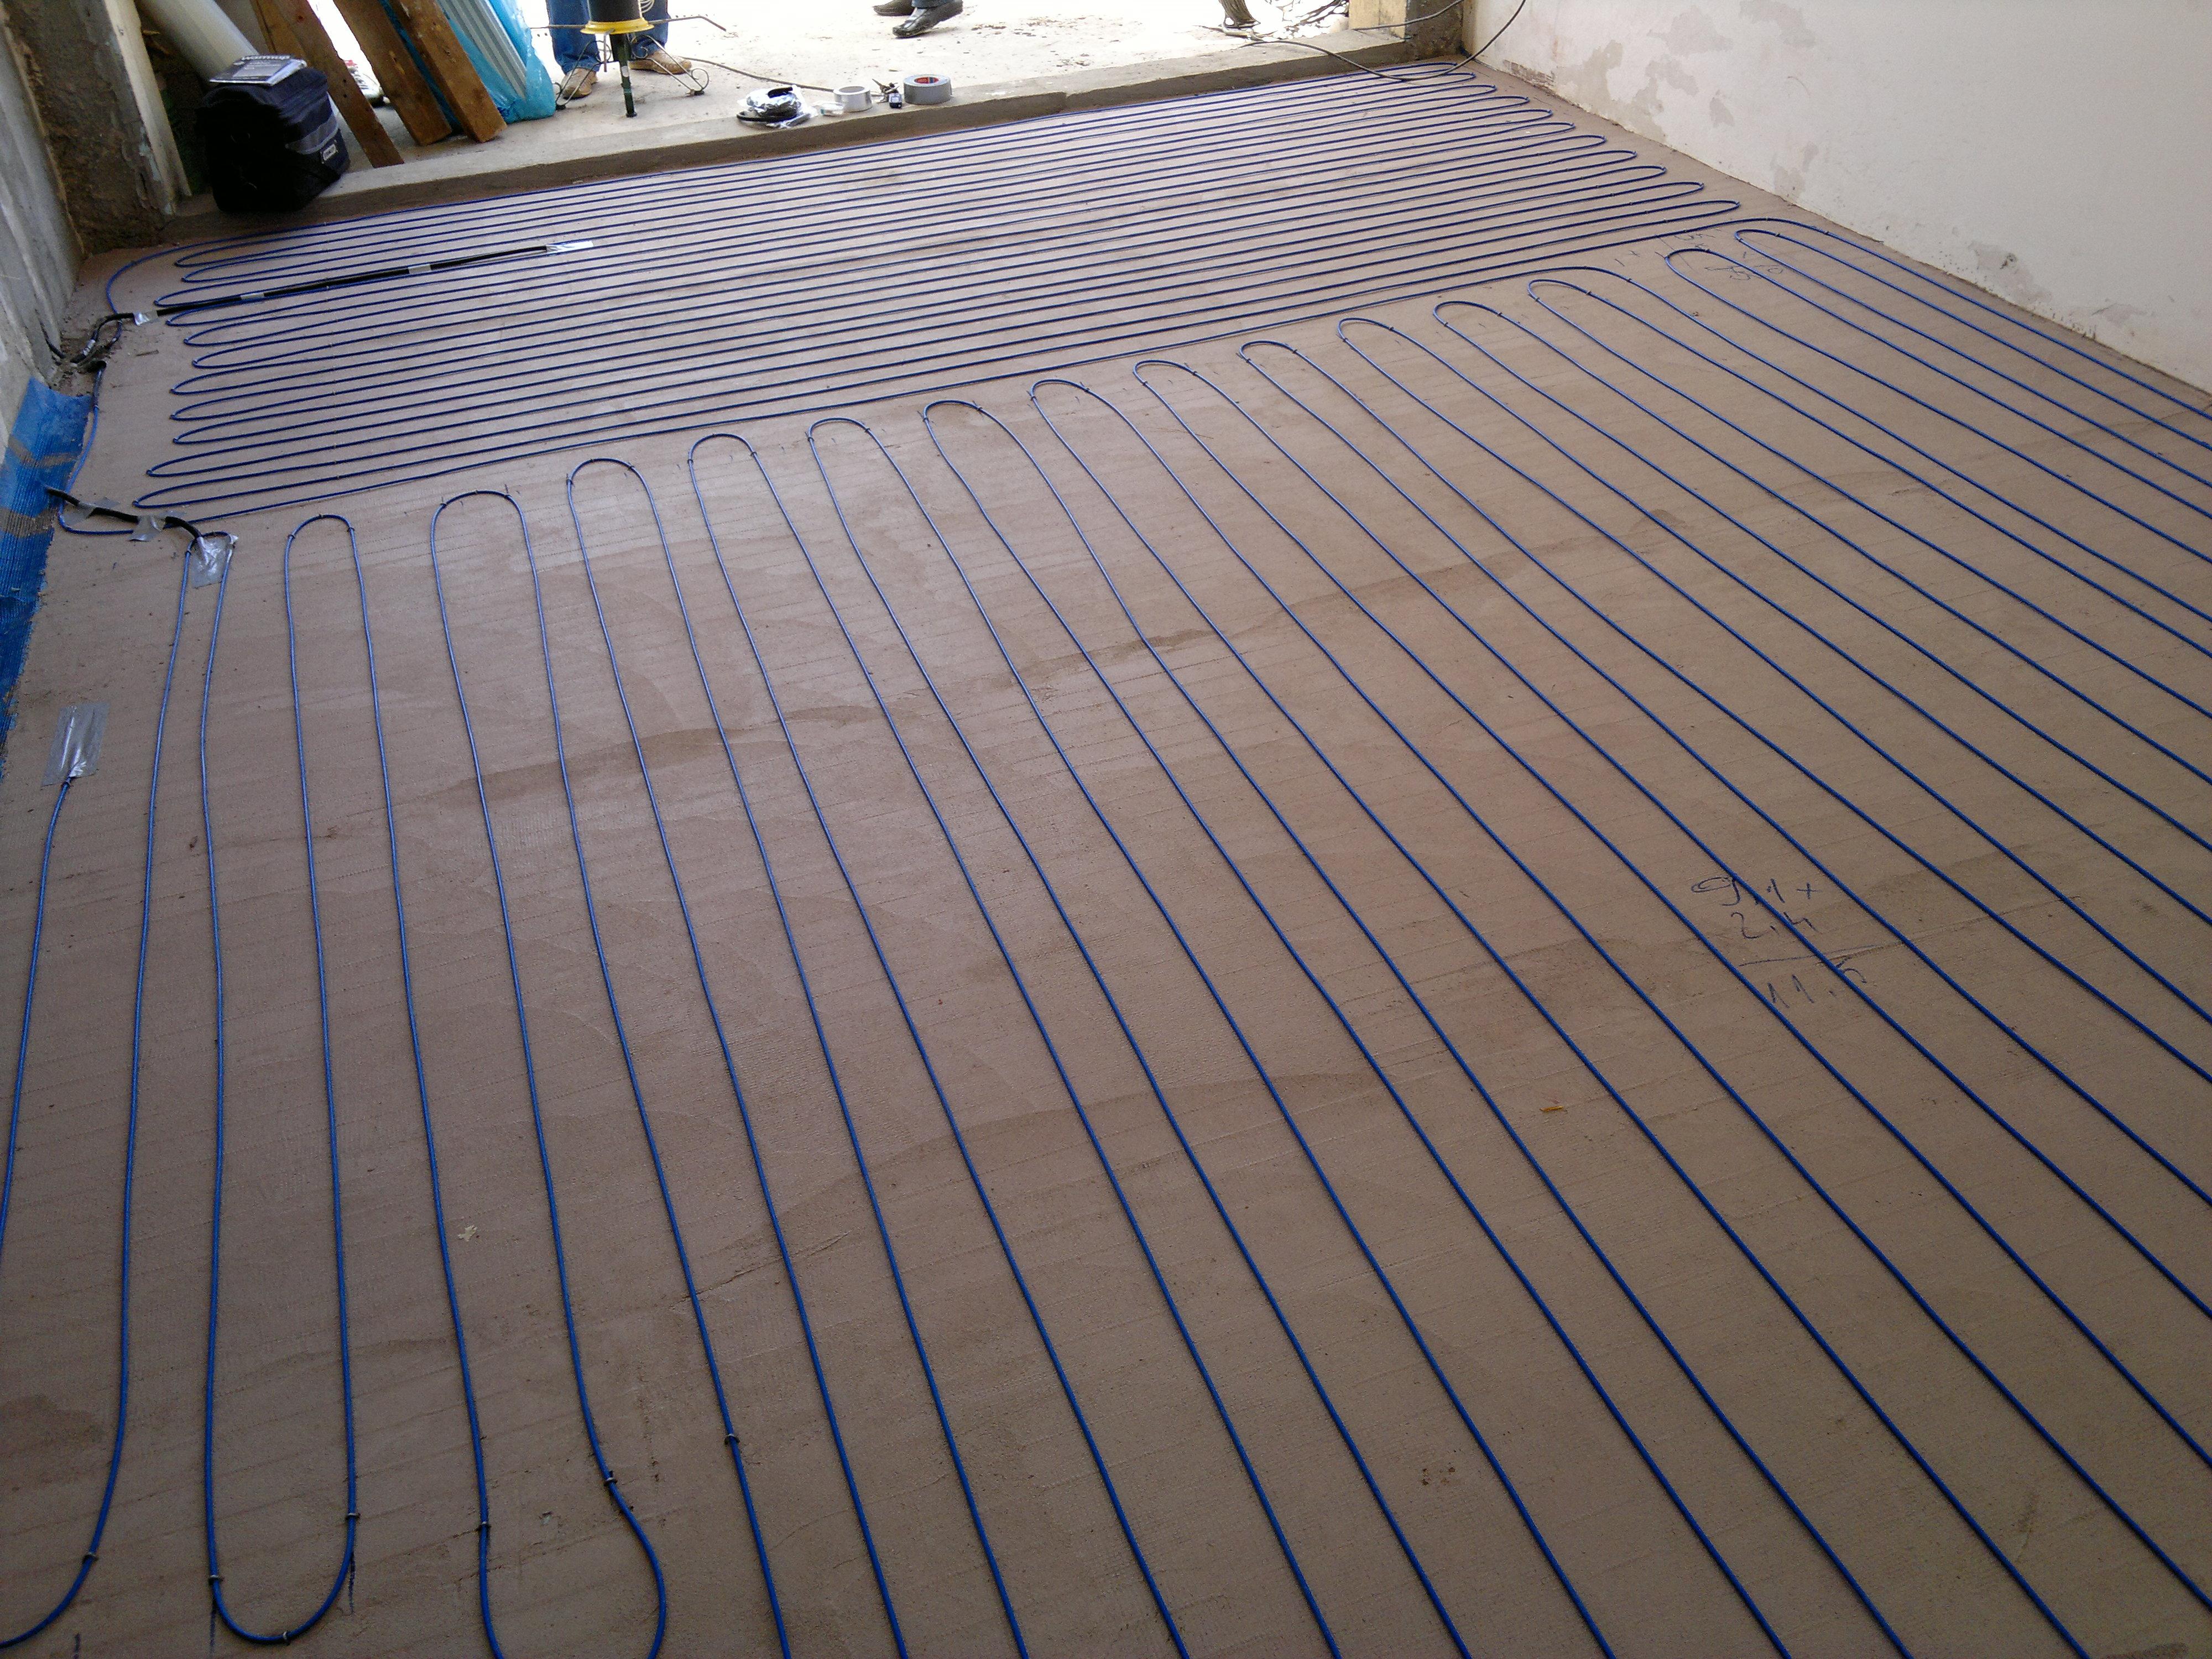 Incalzire cu cabluri in sape - Branesti WARMUP - Poza 6